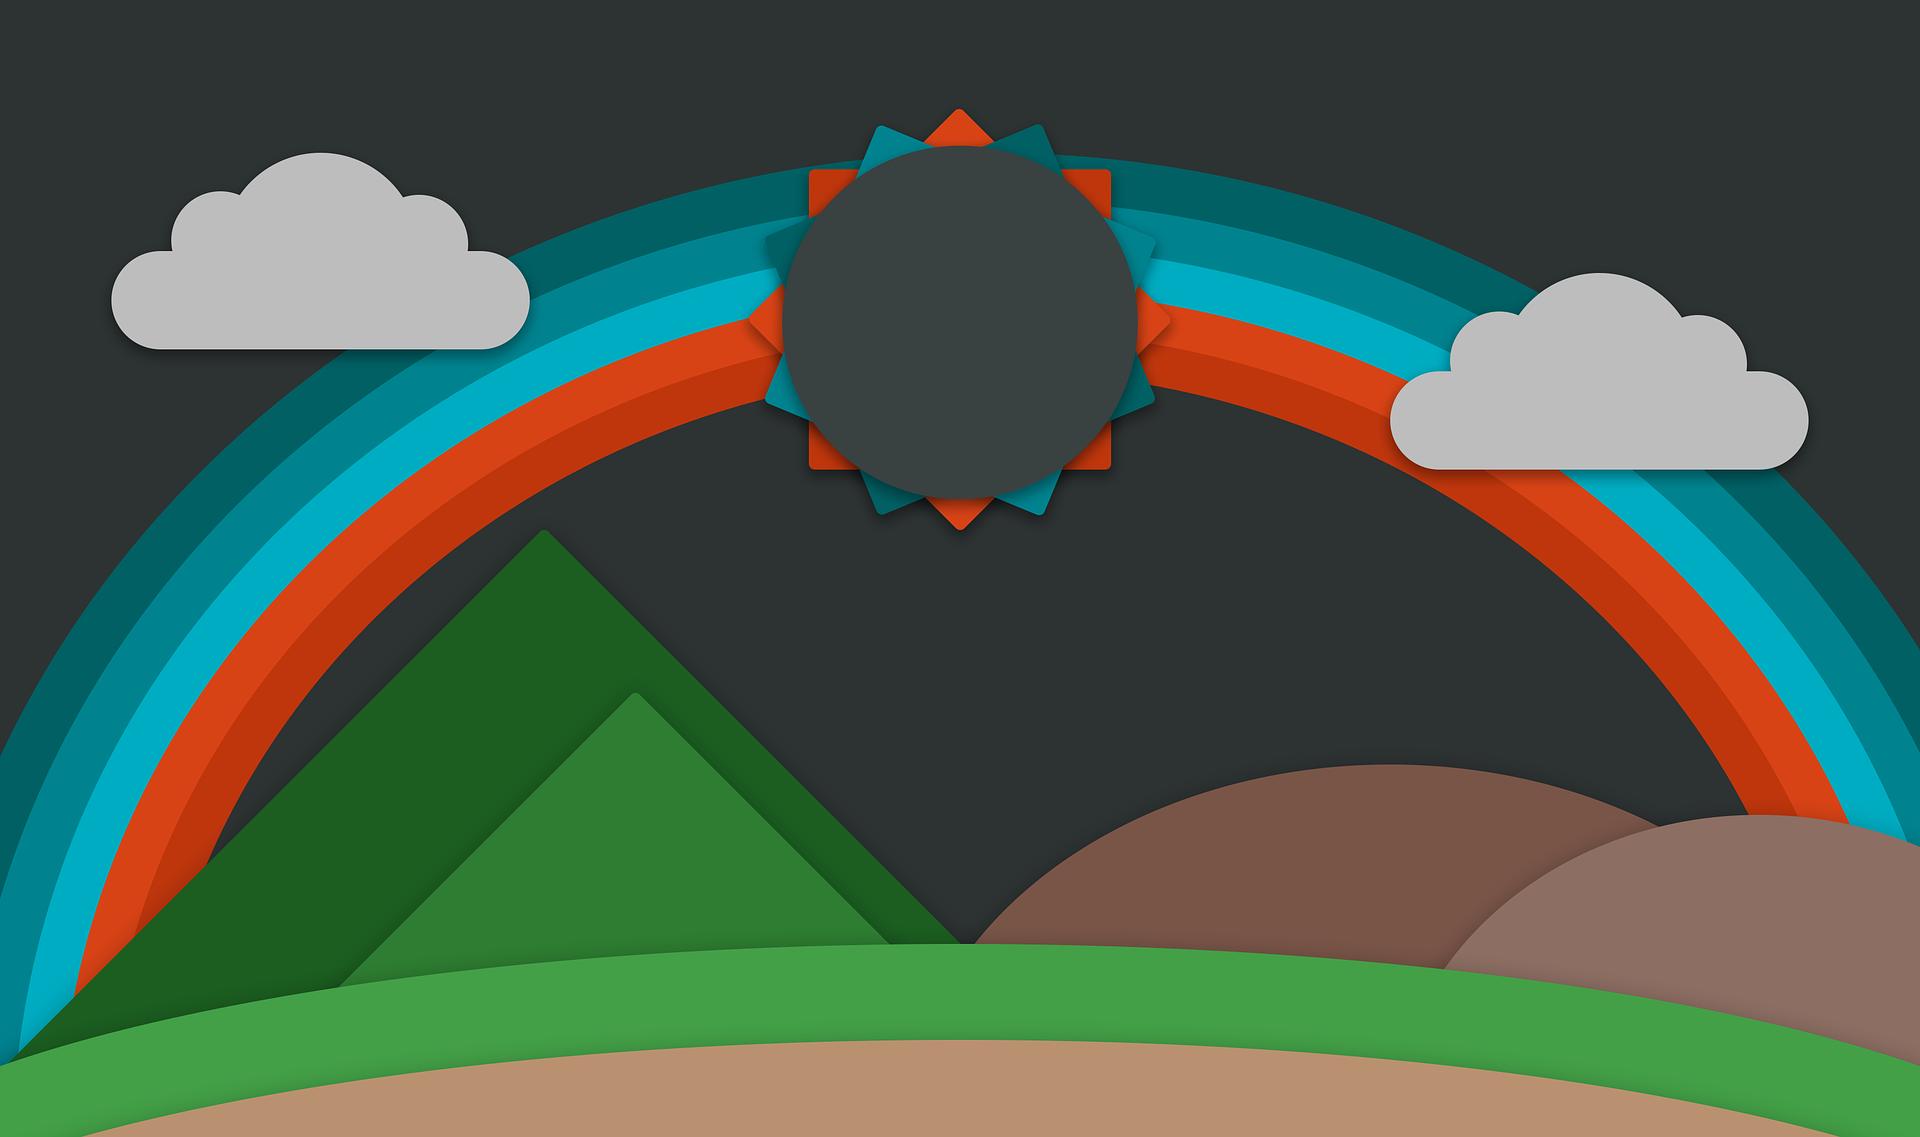 Ουράνιο τόξο, Κυρ, βουνά, επίπεδη σχεδίαση, σύννεφα - Wallpapers HD - Professor-falken.com